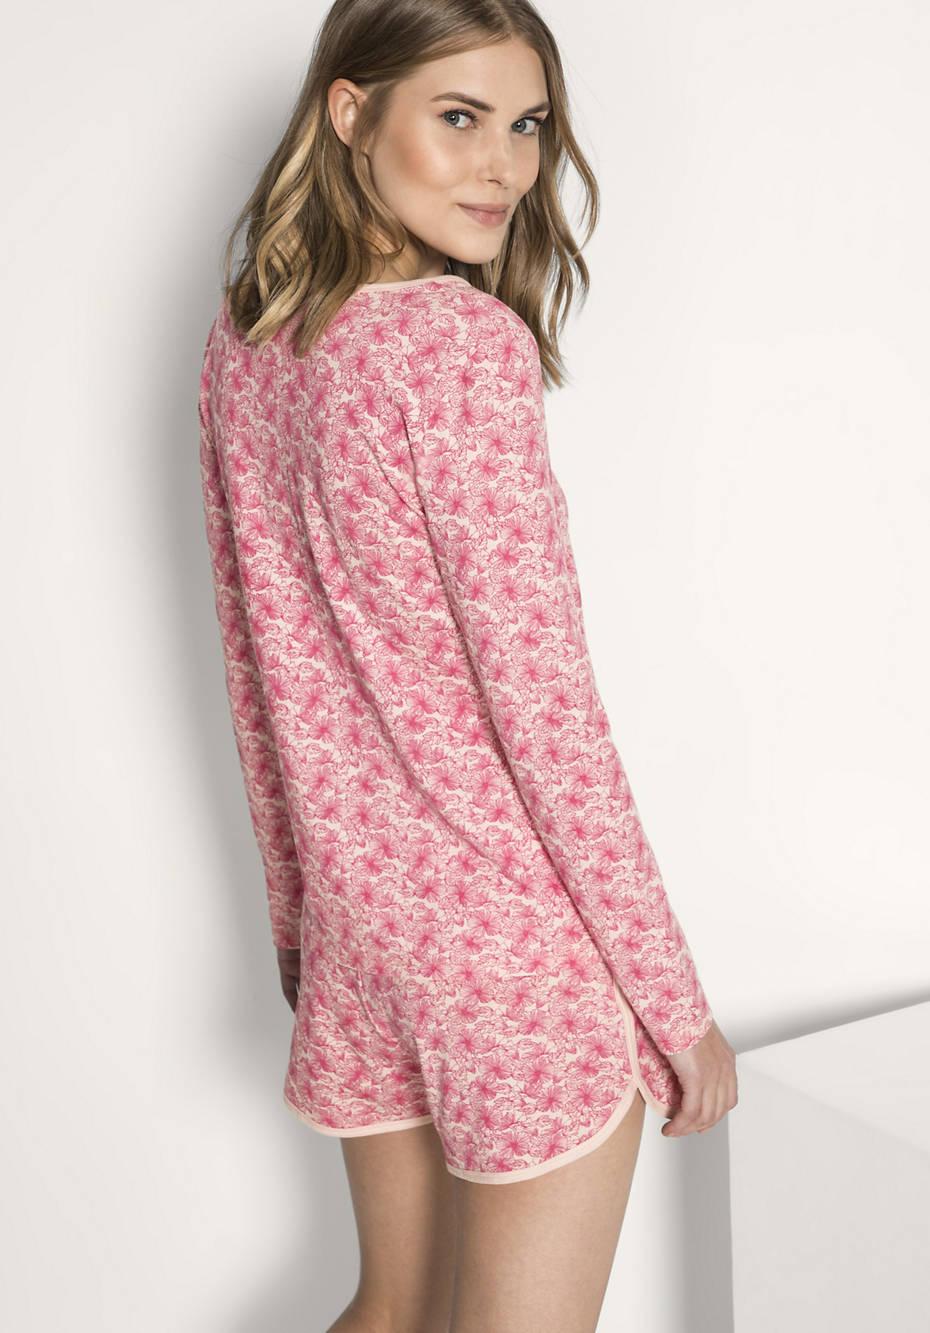 Damen Schlafshirt aus reiner Bio-Baumwolle